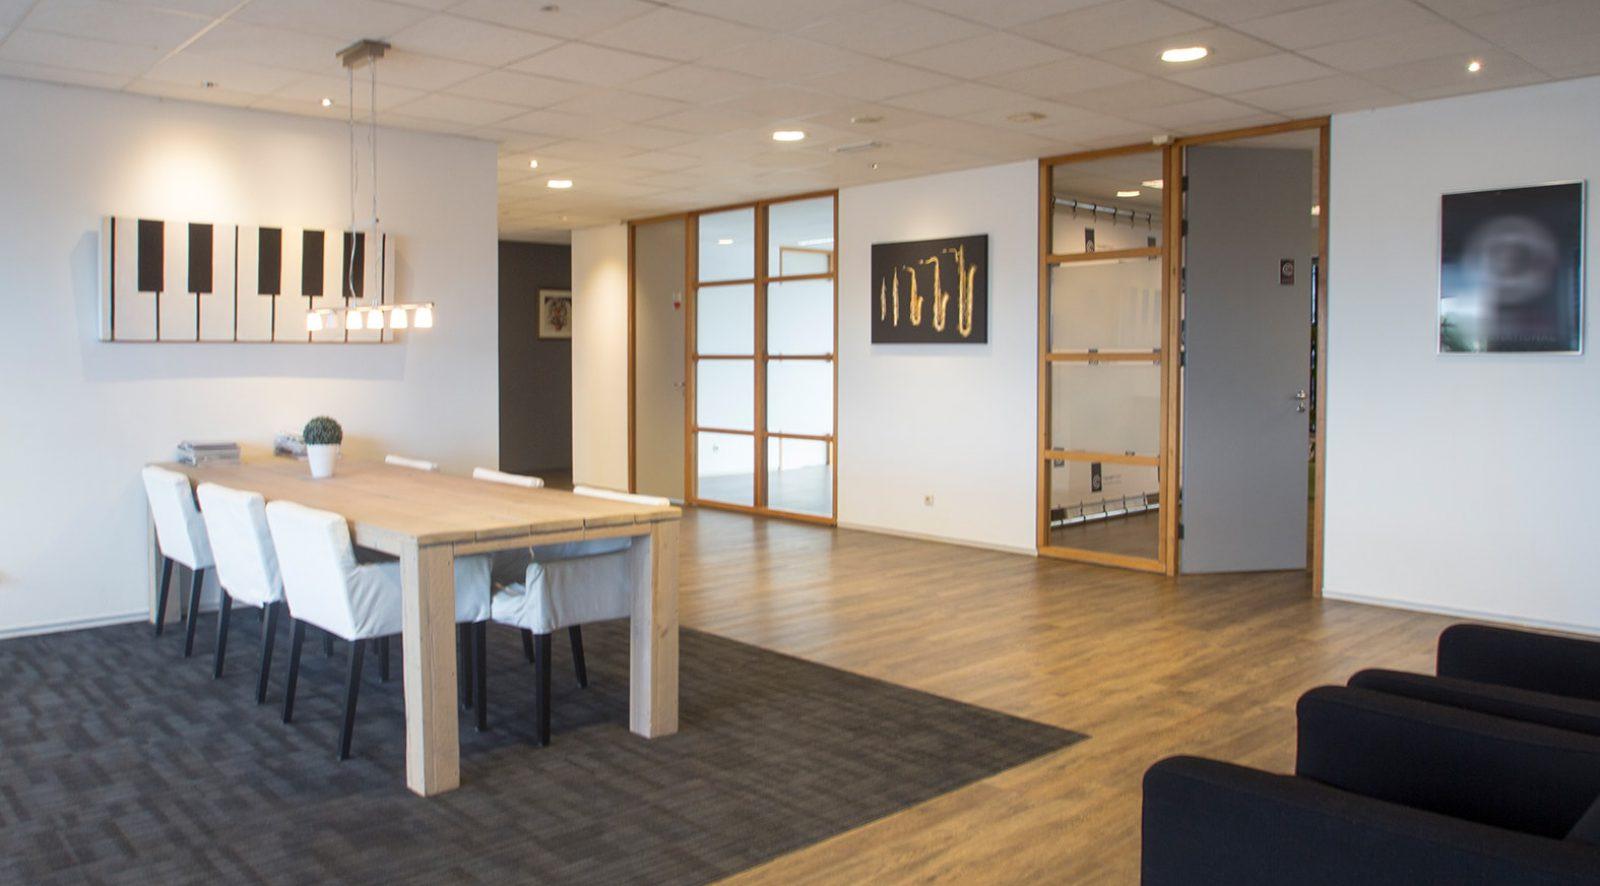 Kantoor huren in Aalsmeer | Studio's Aalsmeer | Crown Business Center Aalsmeer